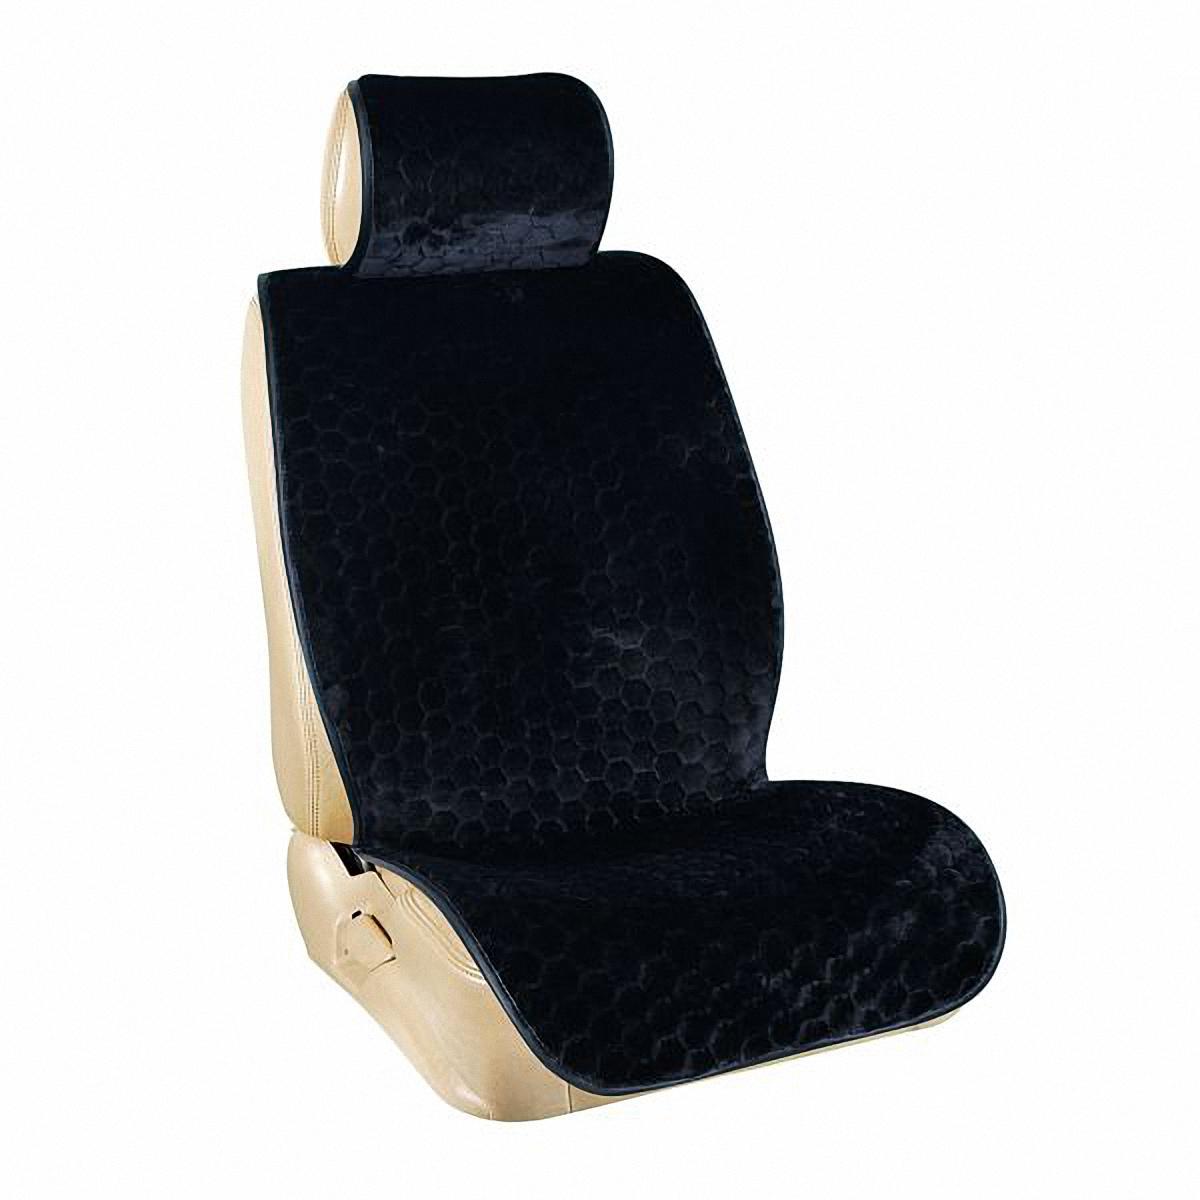 Накидка на сиденье Skyway, цвет: черный. S03001027Ветерок 2ГФНакидка на сиденье Skyway - это изящное сочетание стиля и качества. Выполненные из искусственного меха они расслабляют мышцы спины при поездке, благотворно влияя на позвоночник. Так просто получить ощущение легкого массажа. С ними салон становится уютнее, а сами сидения - удобнее.